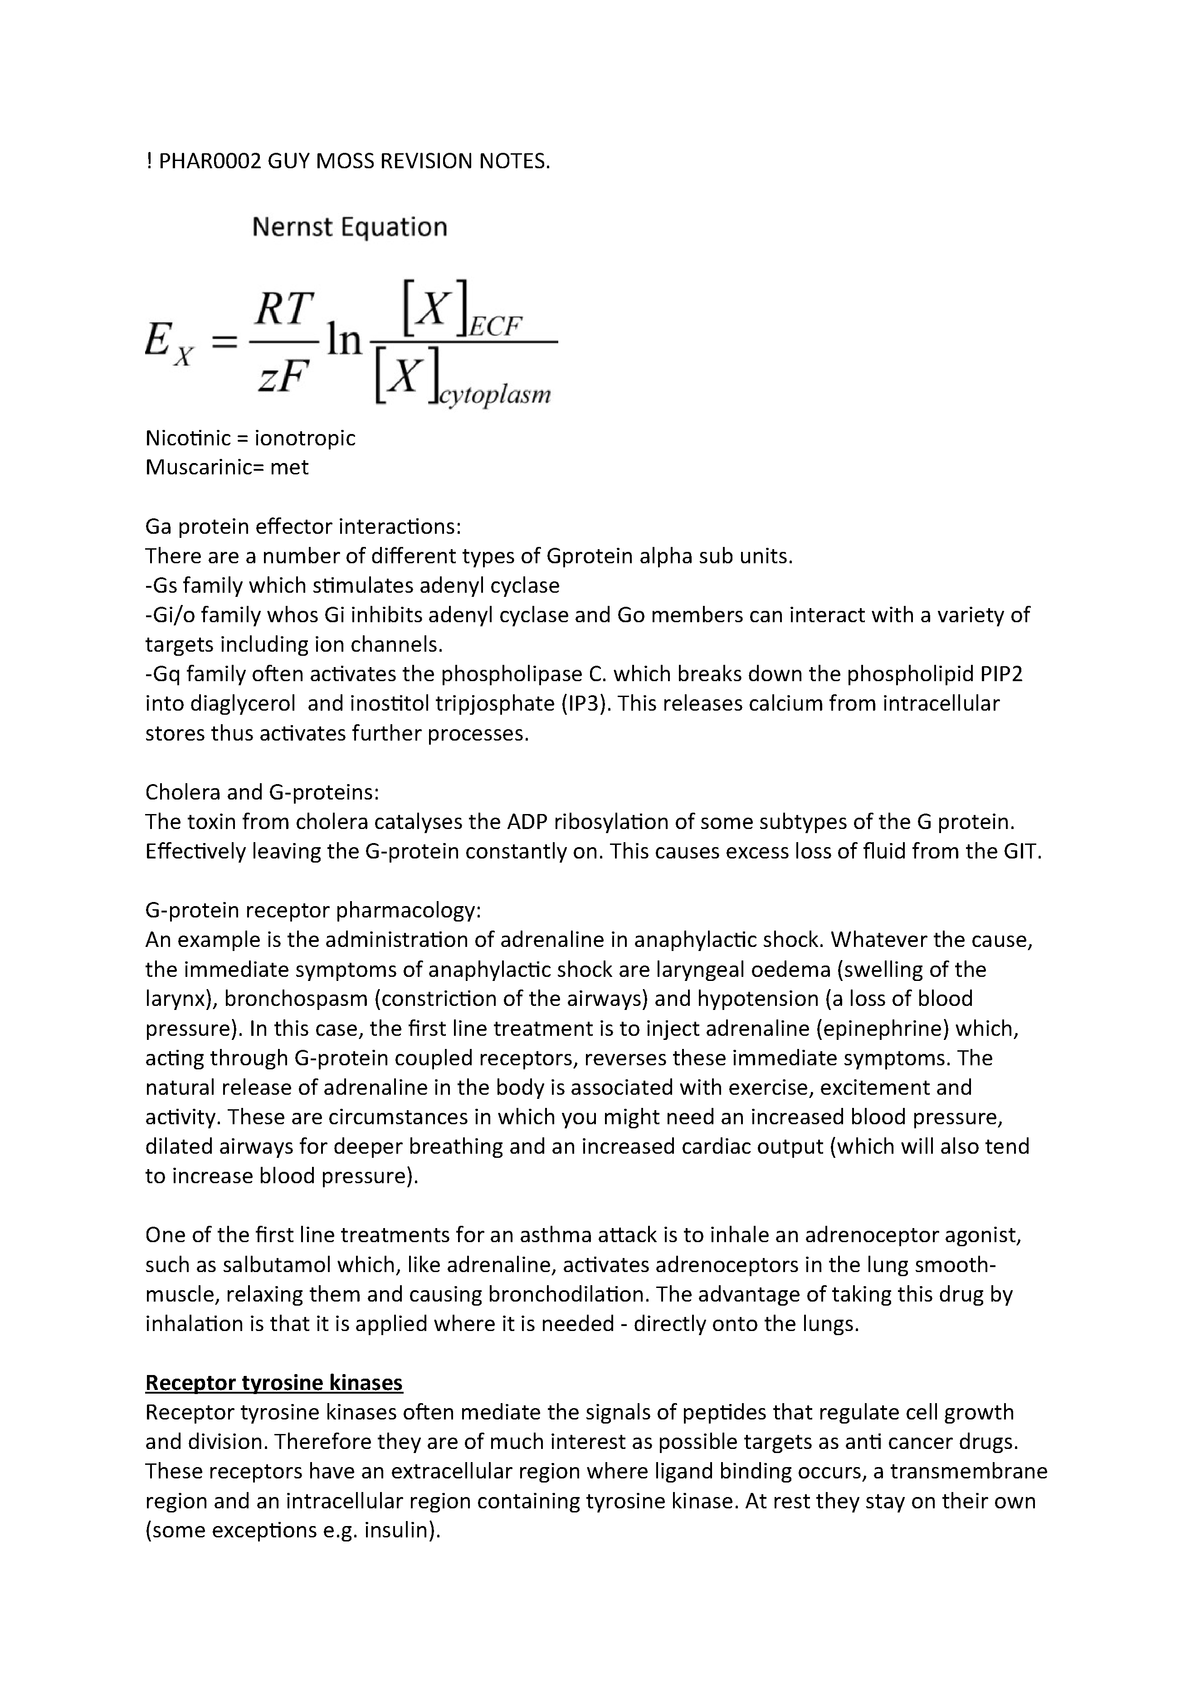 PHAR0002 GUY MOSS Revision Notes - PHAR2002 - StuDocu